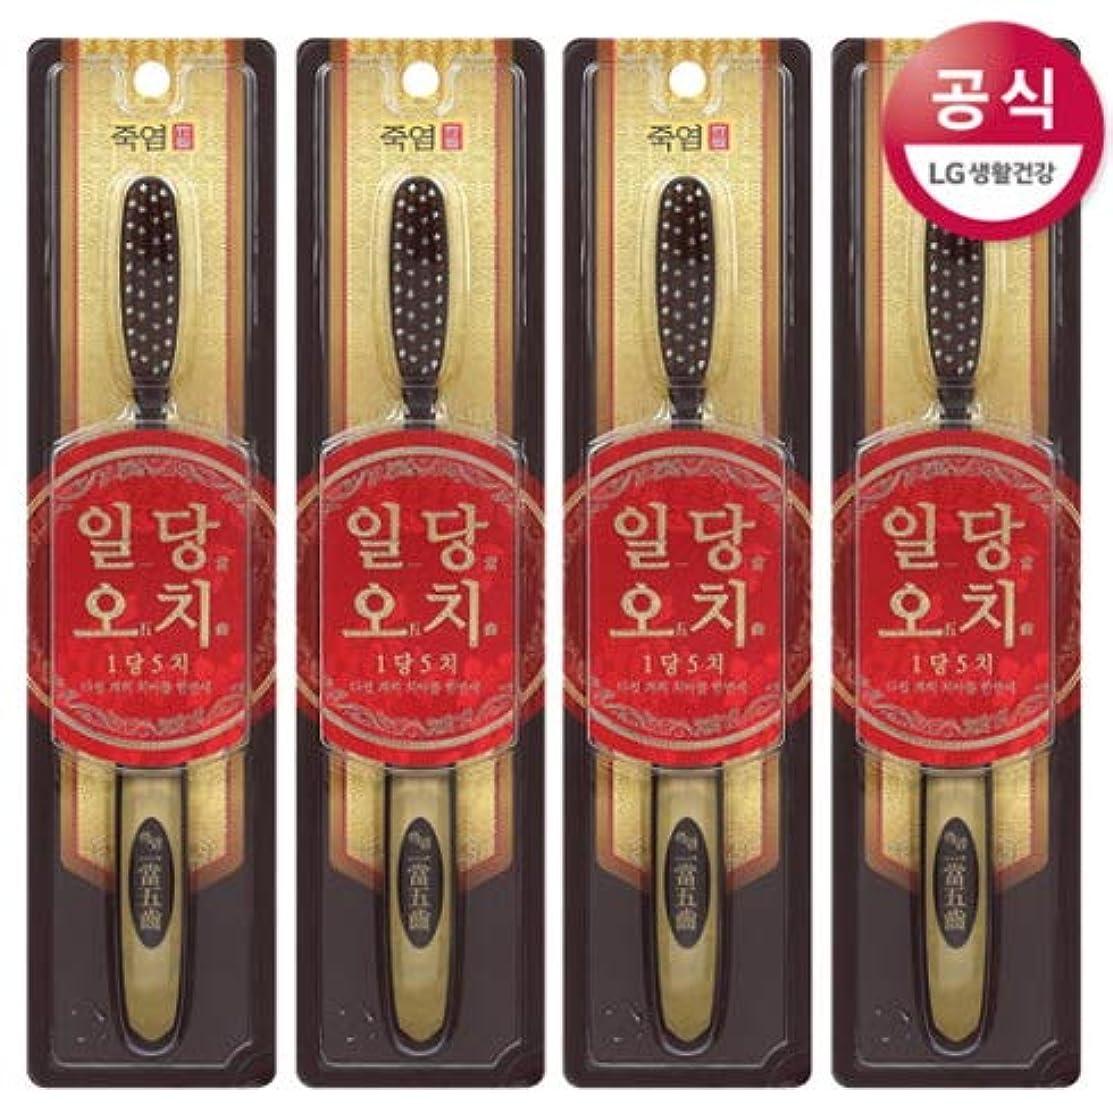 創始者不十分な子孫[LG HnB] Bamboo Salt Oodi toothbrush/竹塩日当越智歯ブラシ 5つの(海外直送品)